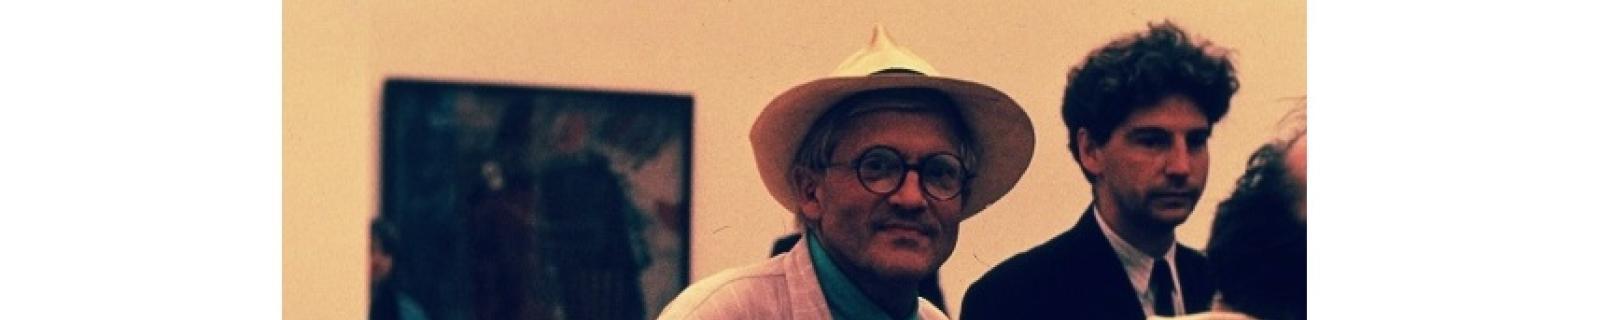 Hockney 1992